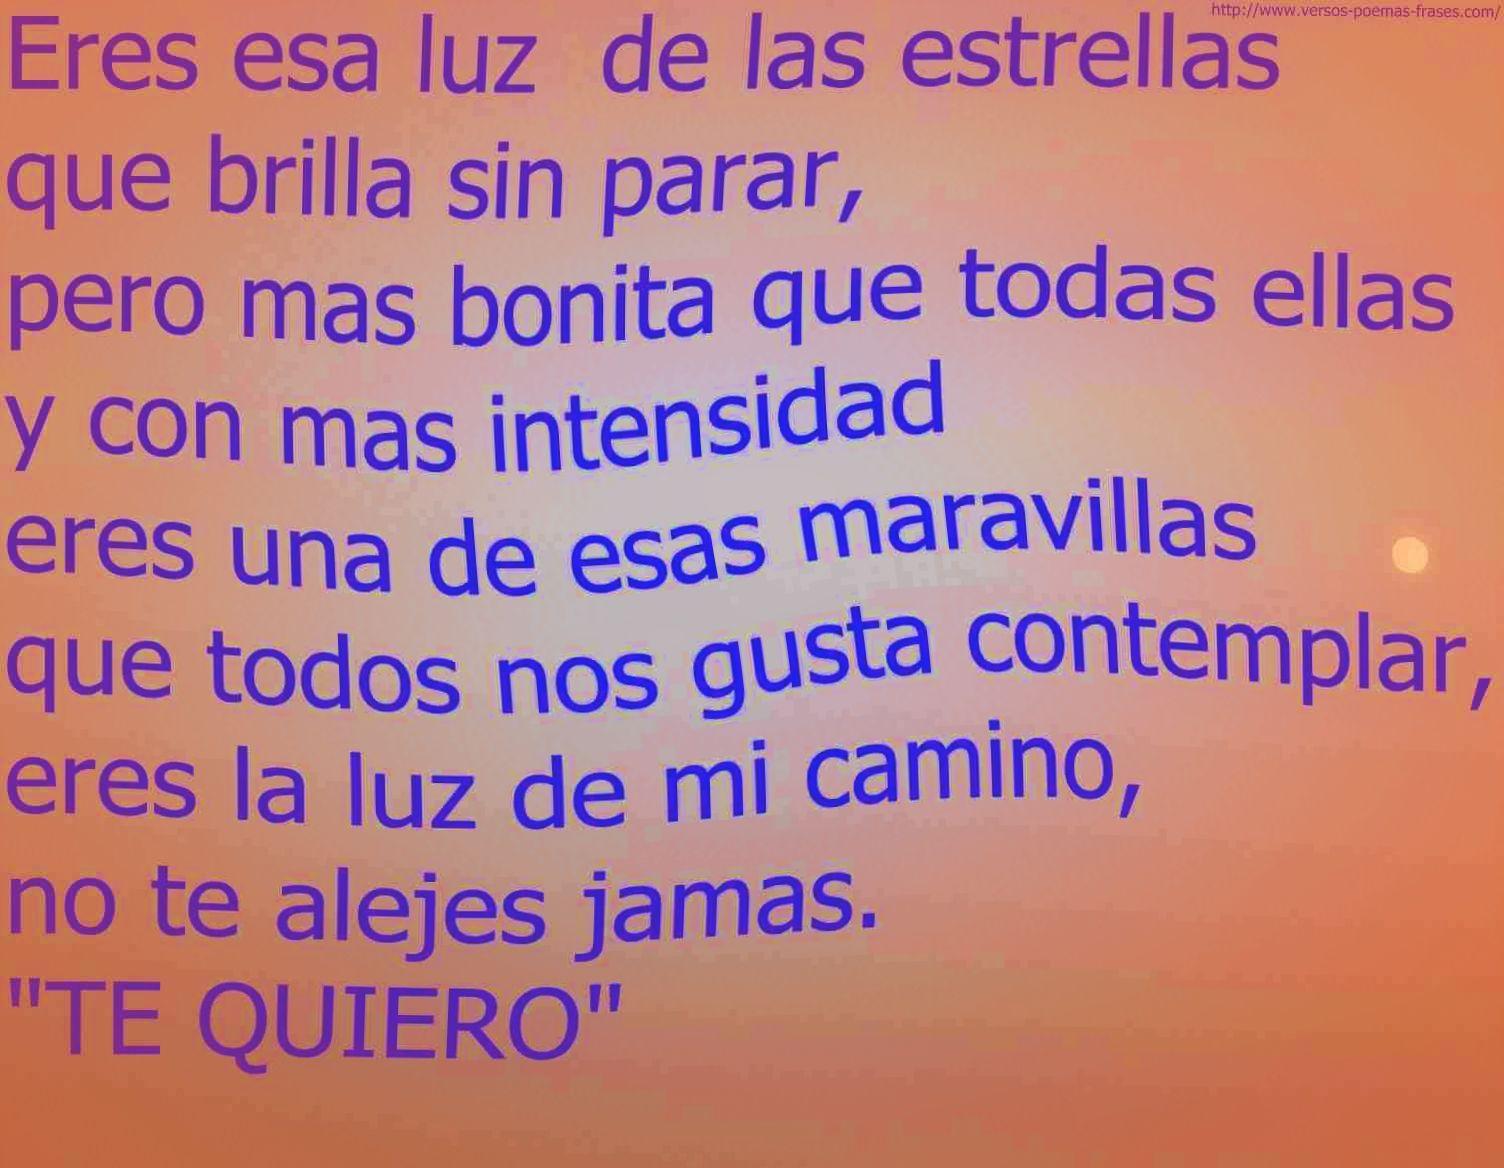 Poemas Para Una Amiga: Poesías De Amistad Cortas Y Largas Bonitas Para Dedicar